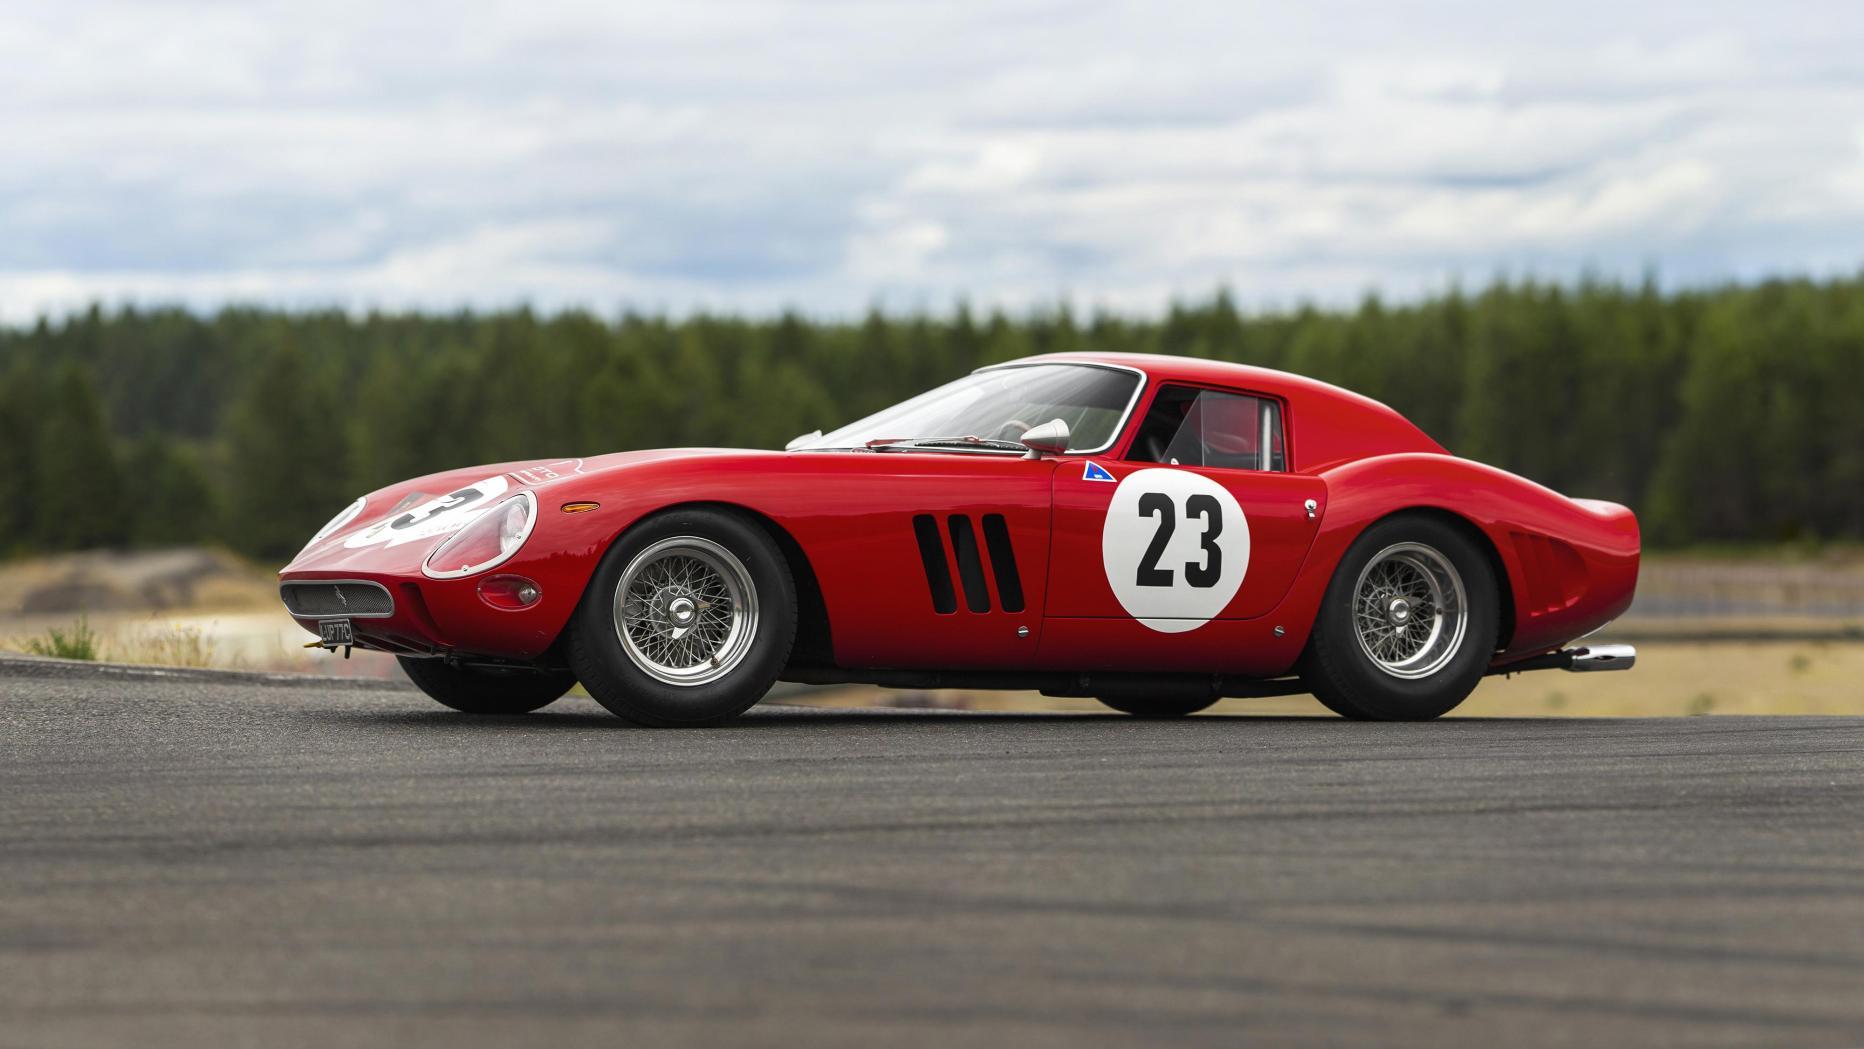 Rekordpreis 48 4 Millionen Dollar Für Einen Ferrari 250 Gto Motor At